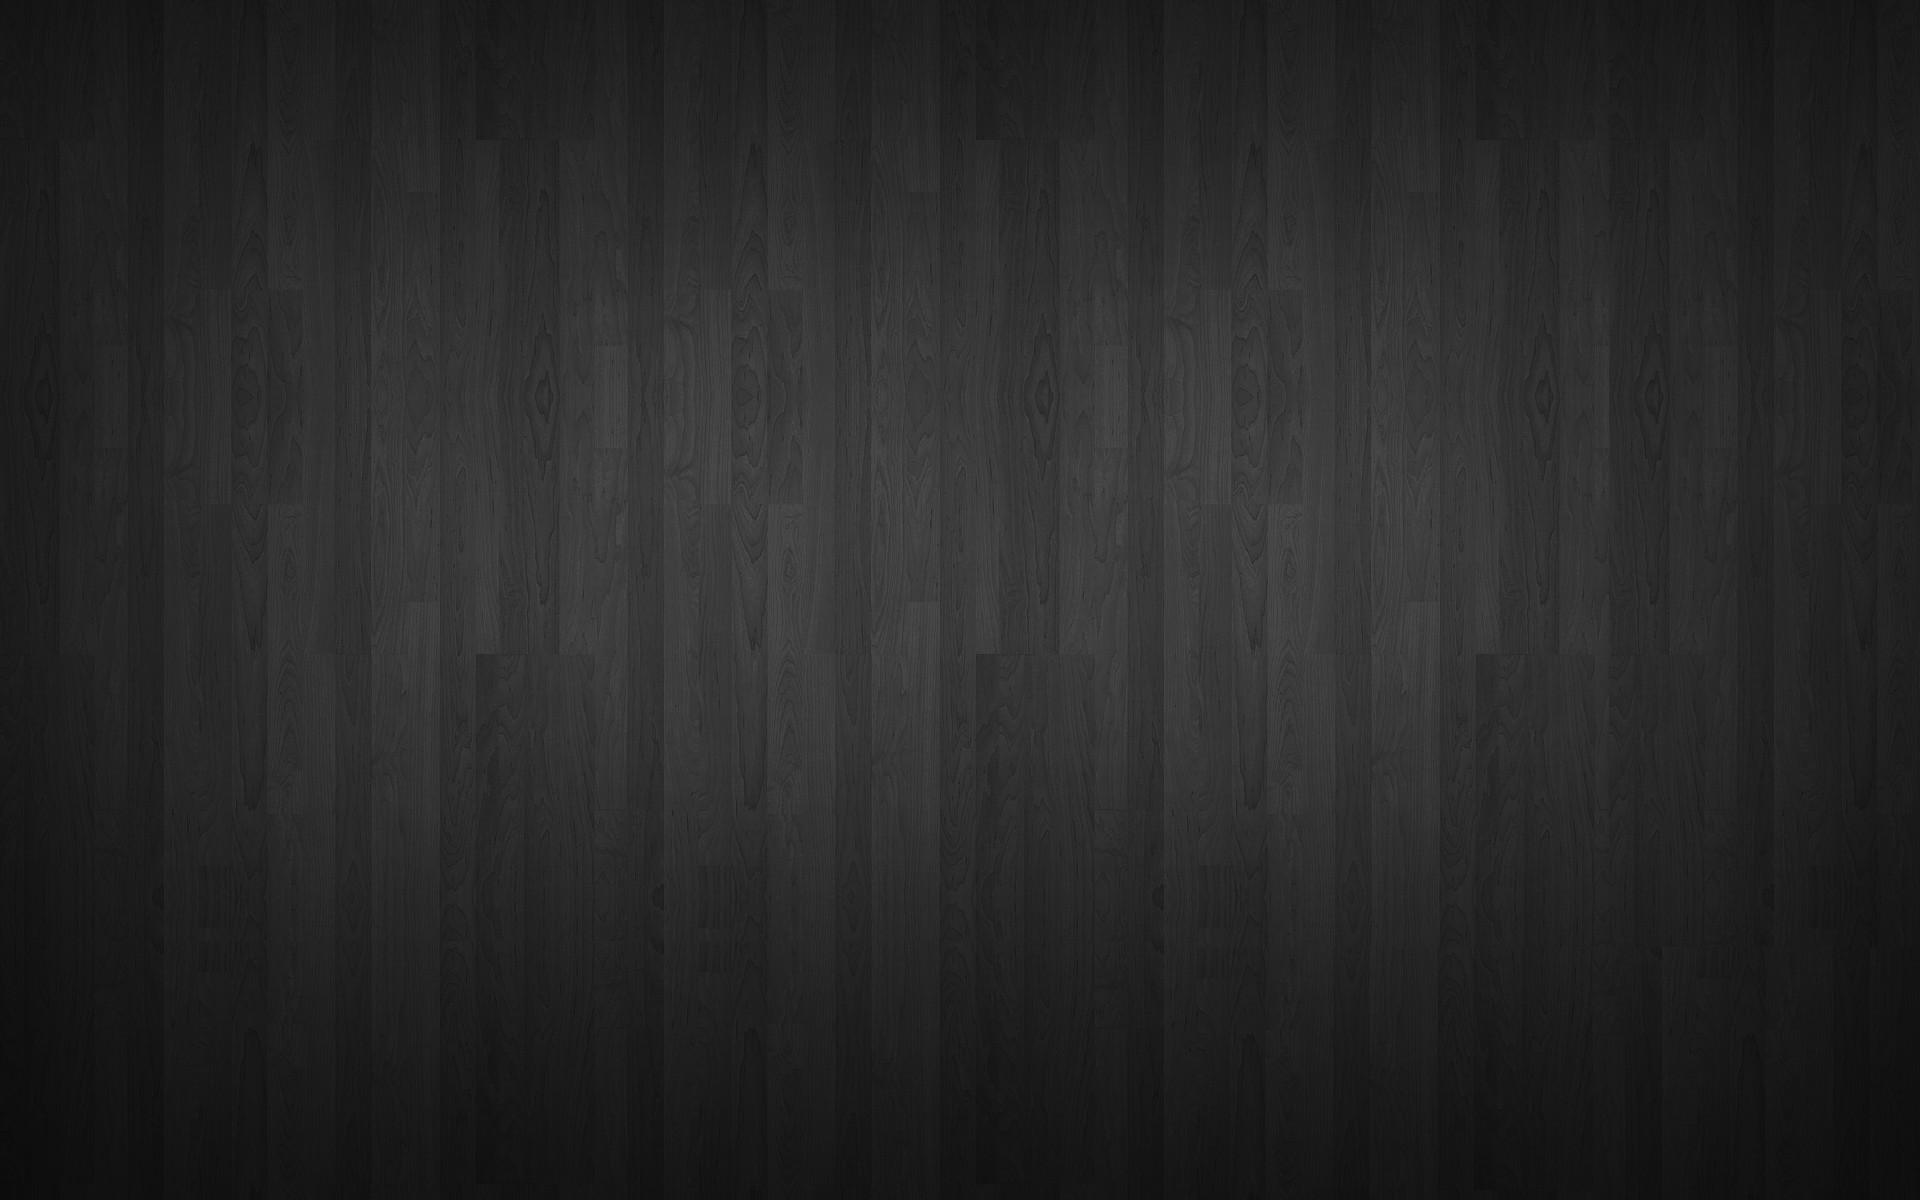 dark-wood-floor-patterngrey-wood-floor-wallpaper-100358-